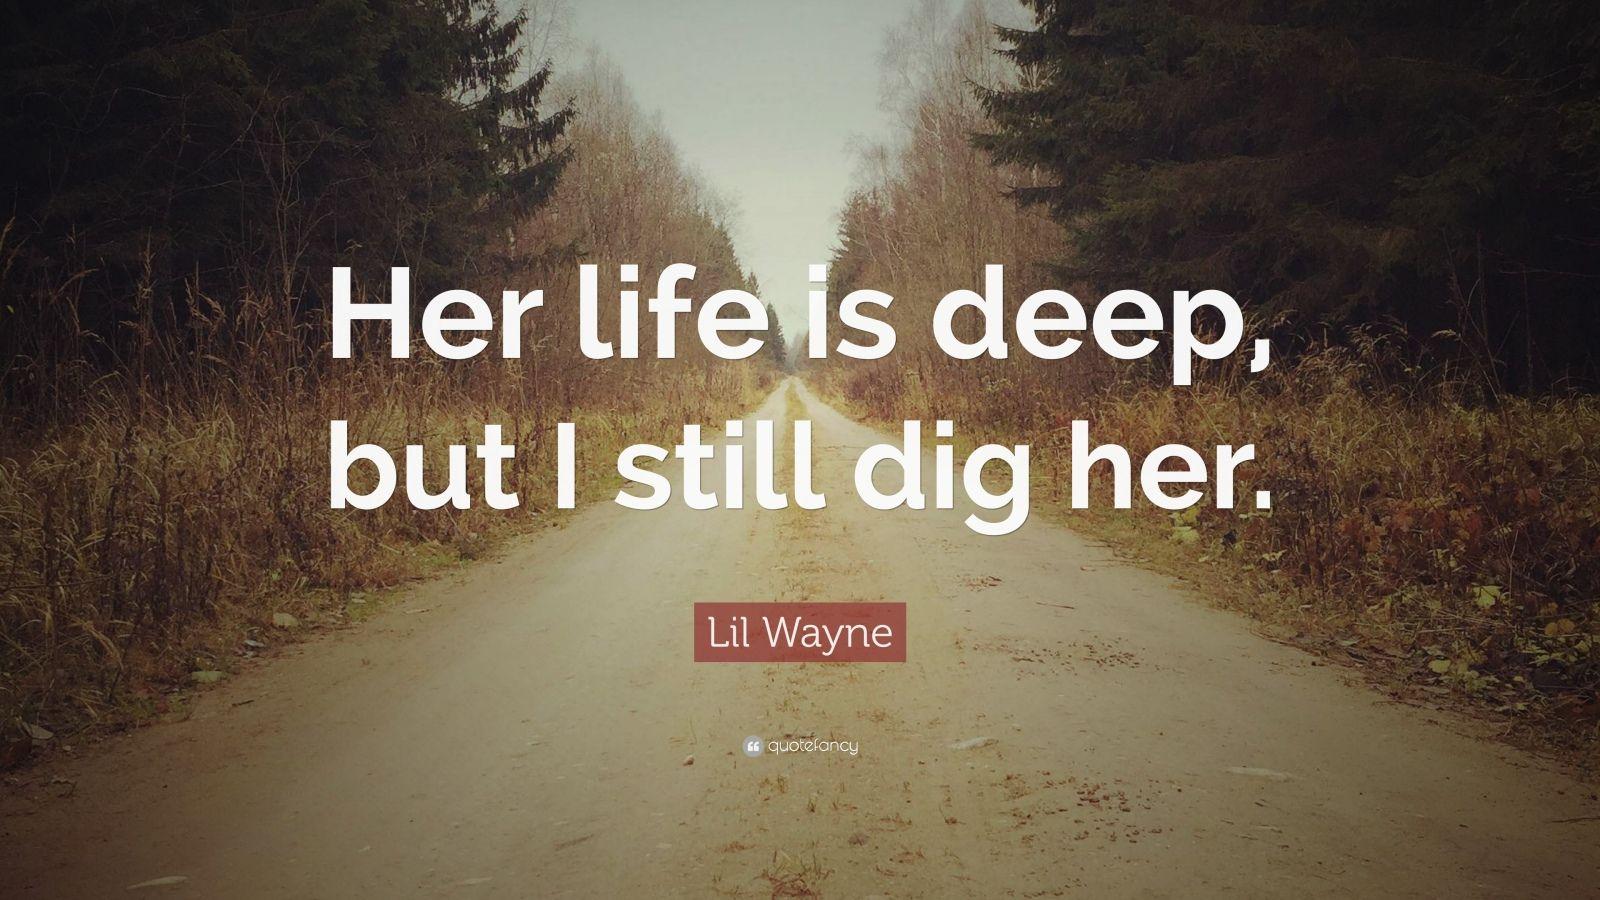 Photobucket lil wayne quotes Ashley Tisdale - Maxim